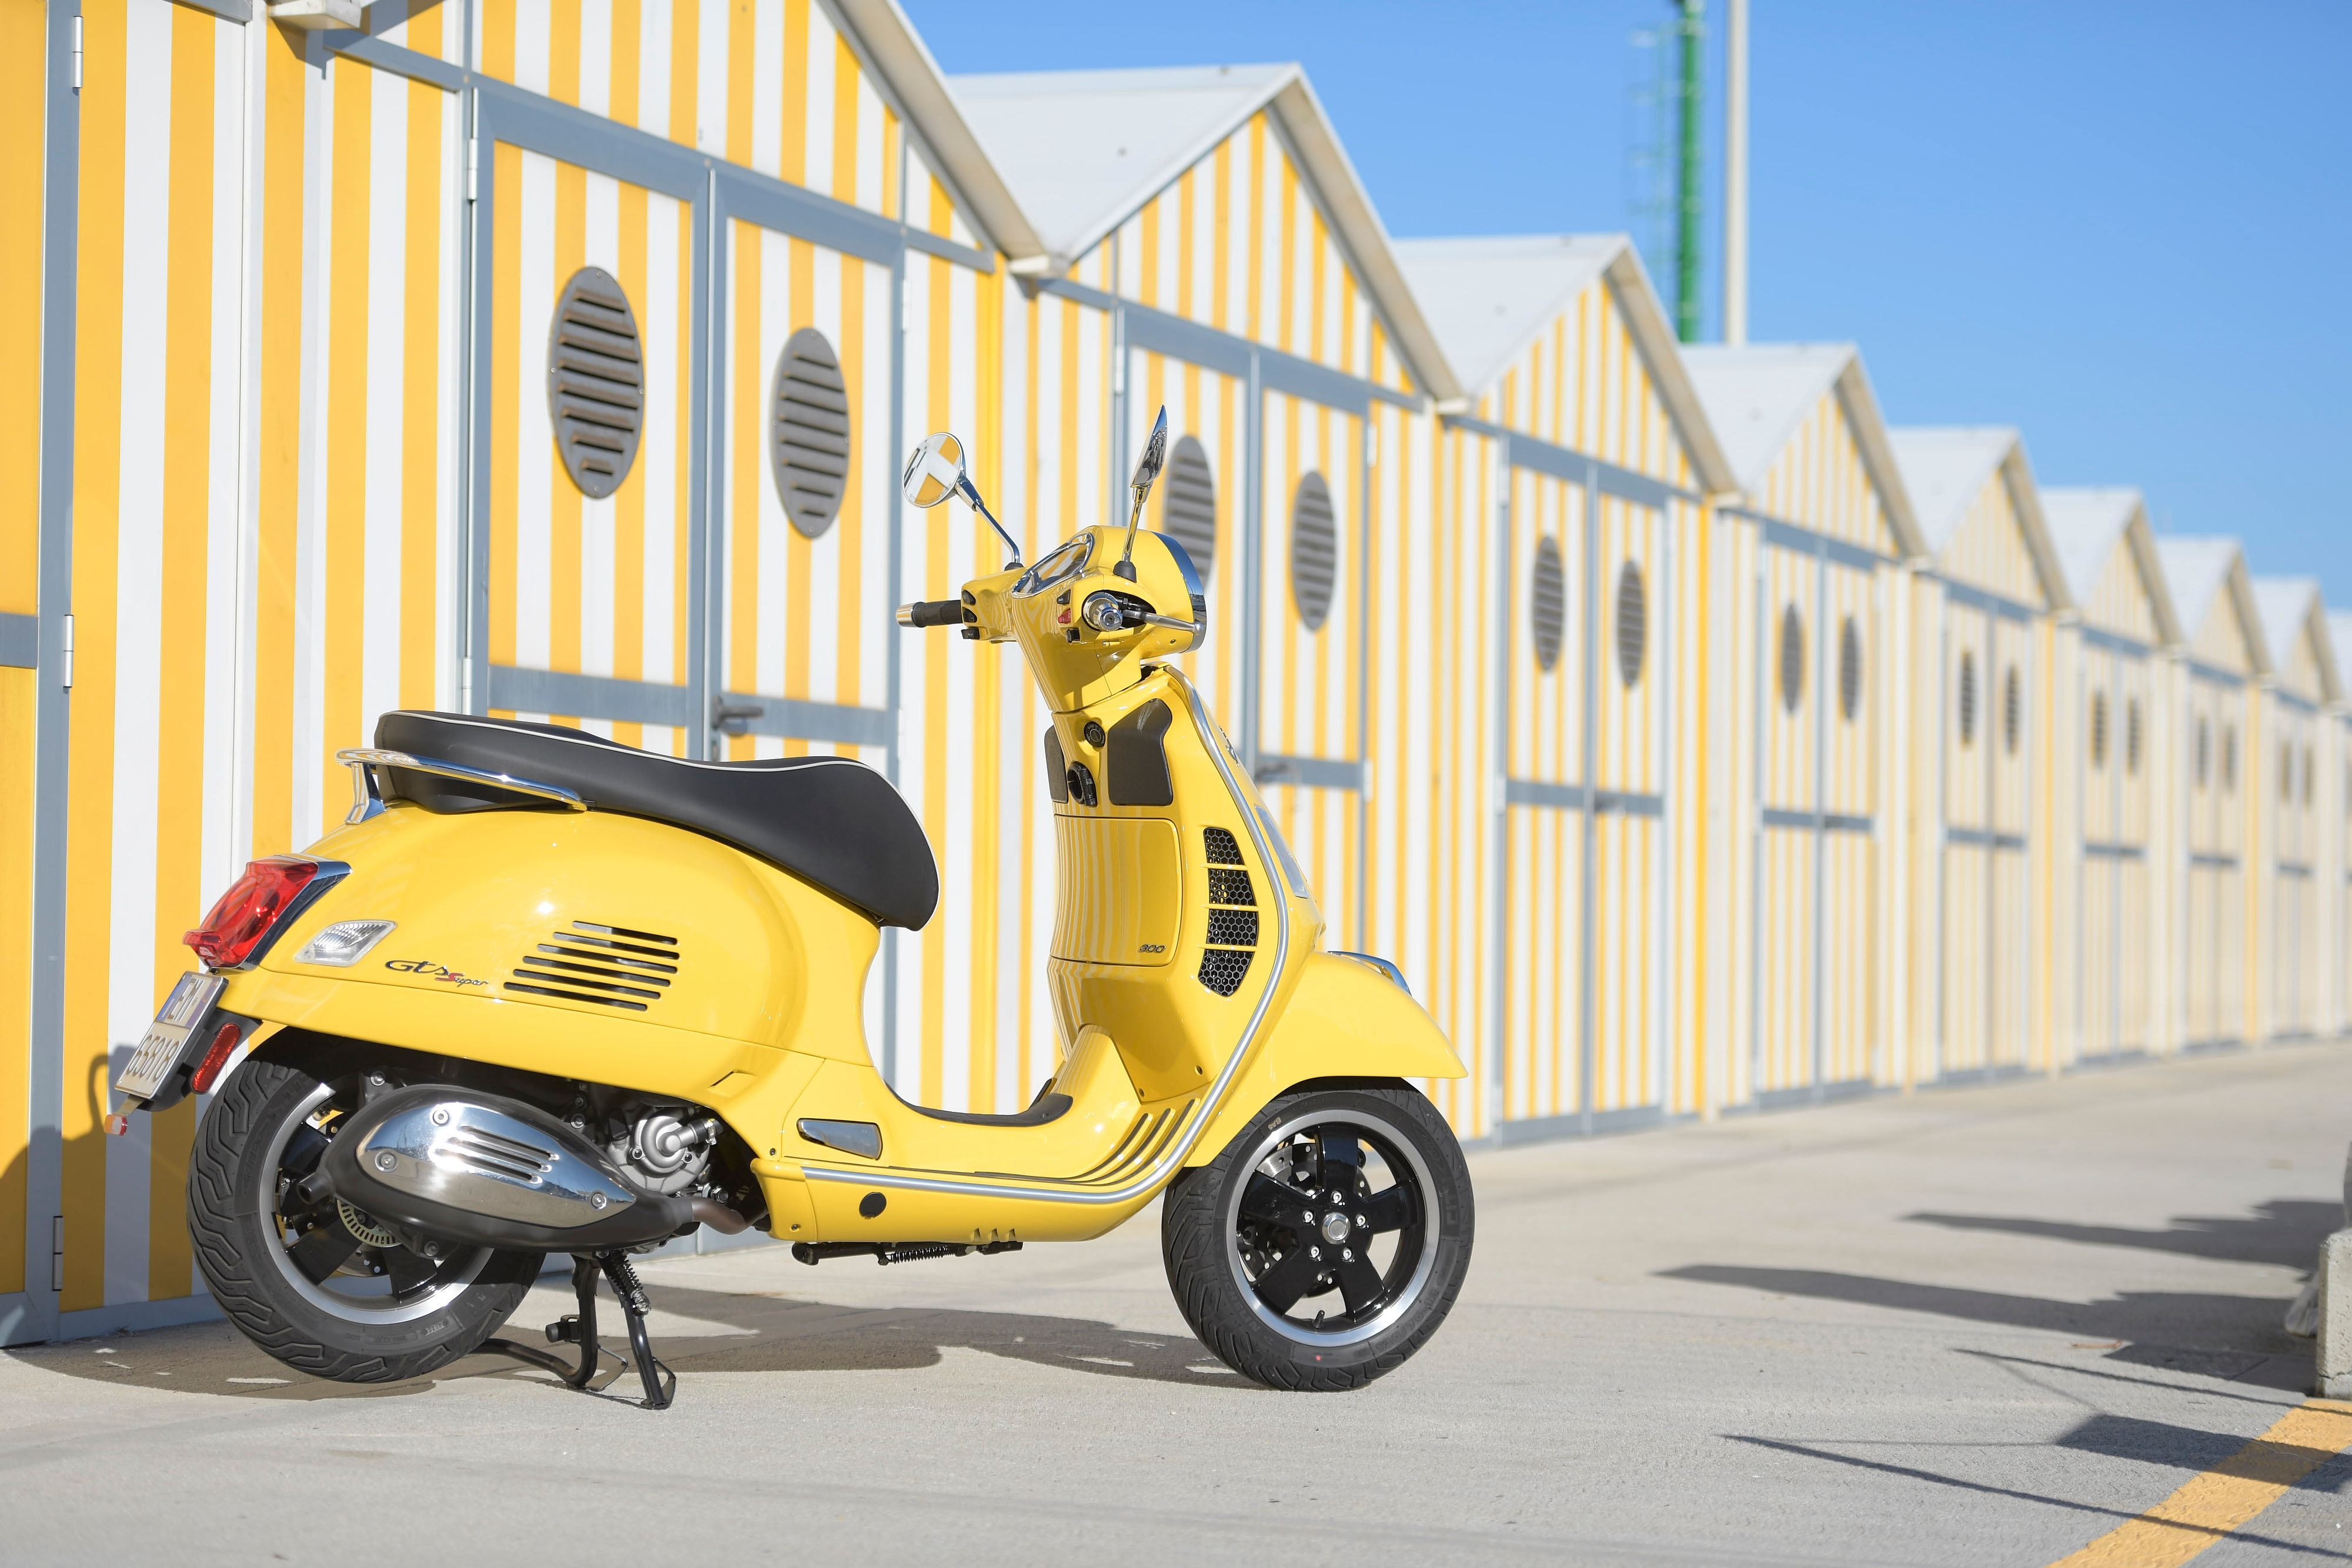 Calendario Vespa 2020.Vespa Gts E La Moto Dell Anno Secondo I Tedeschi